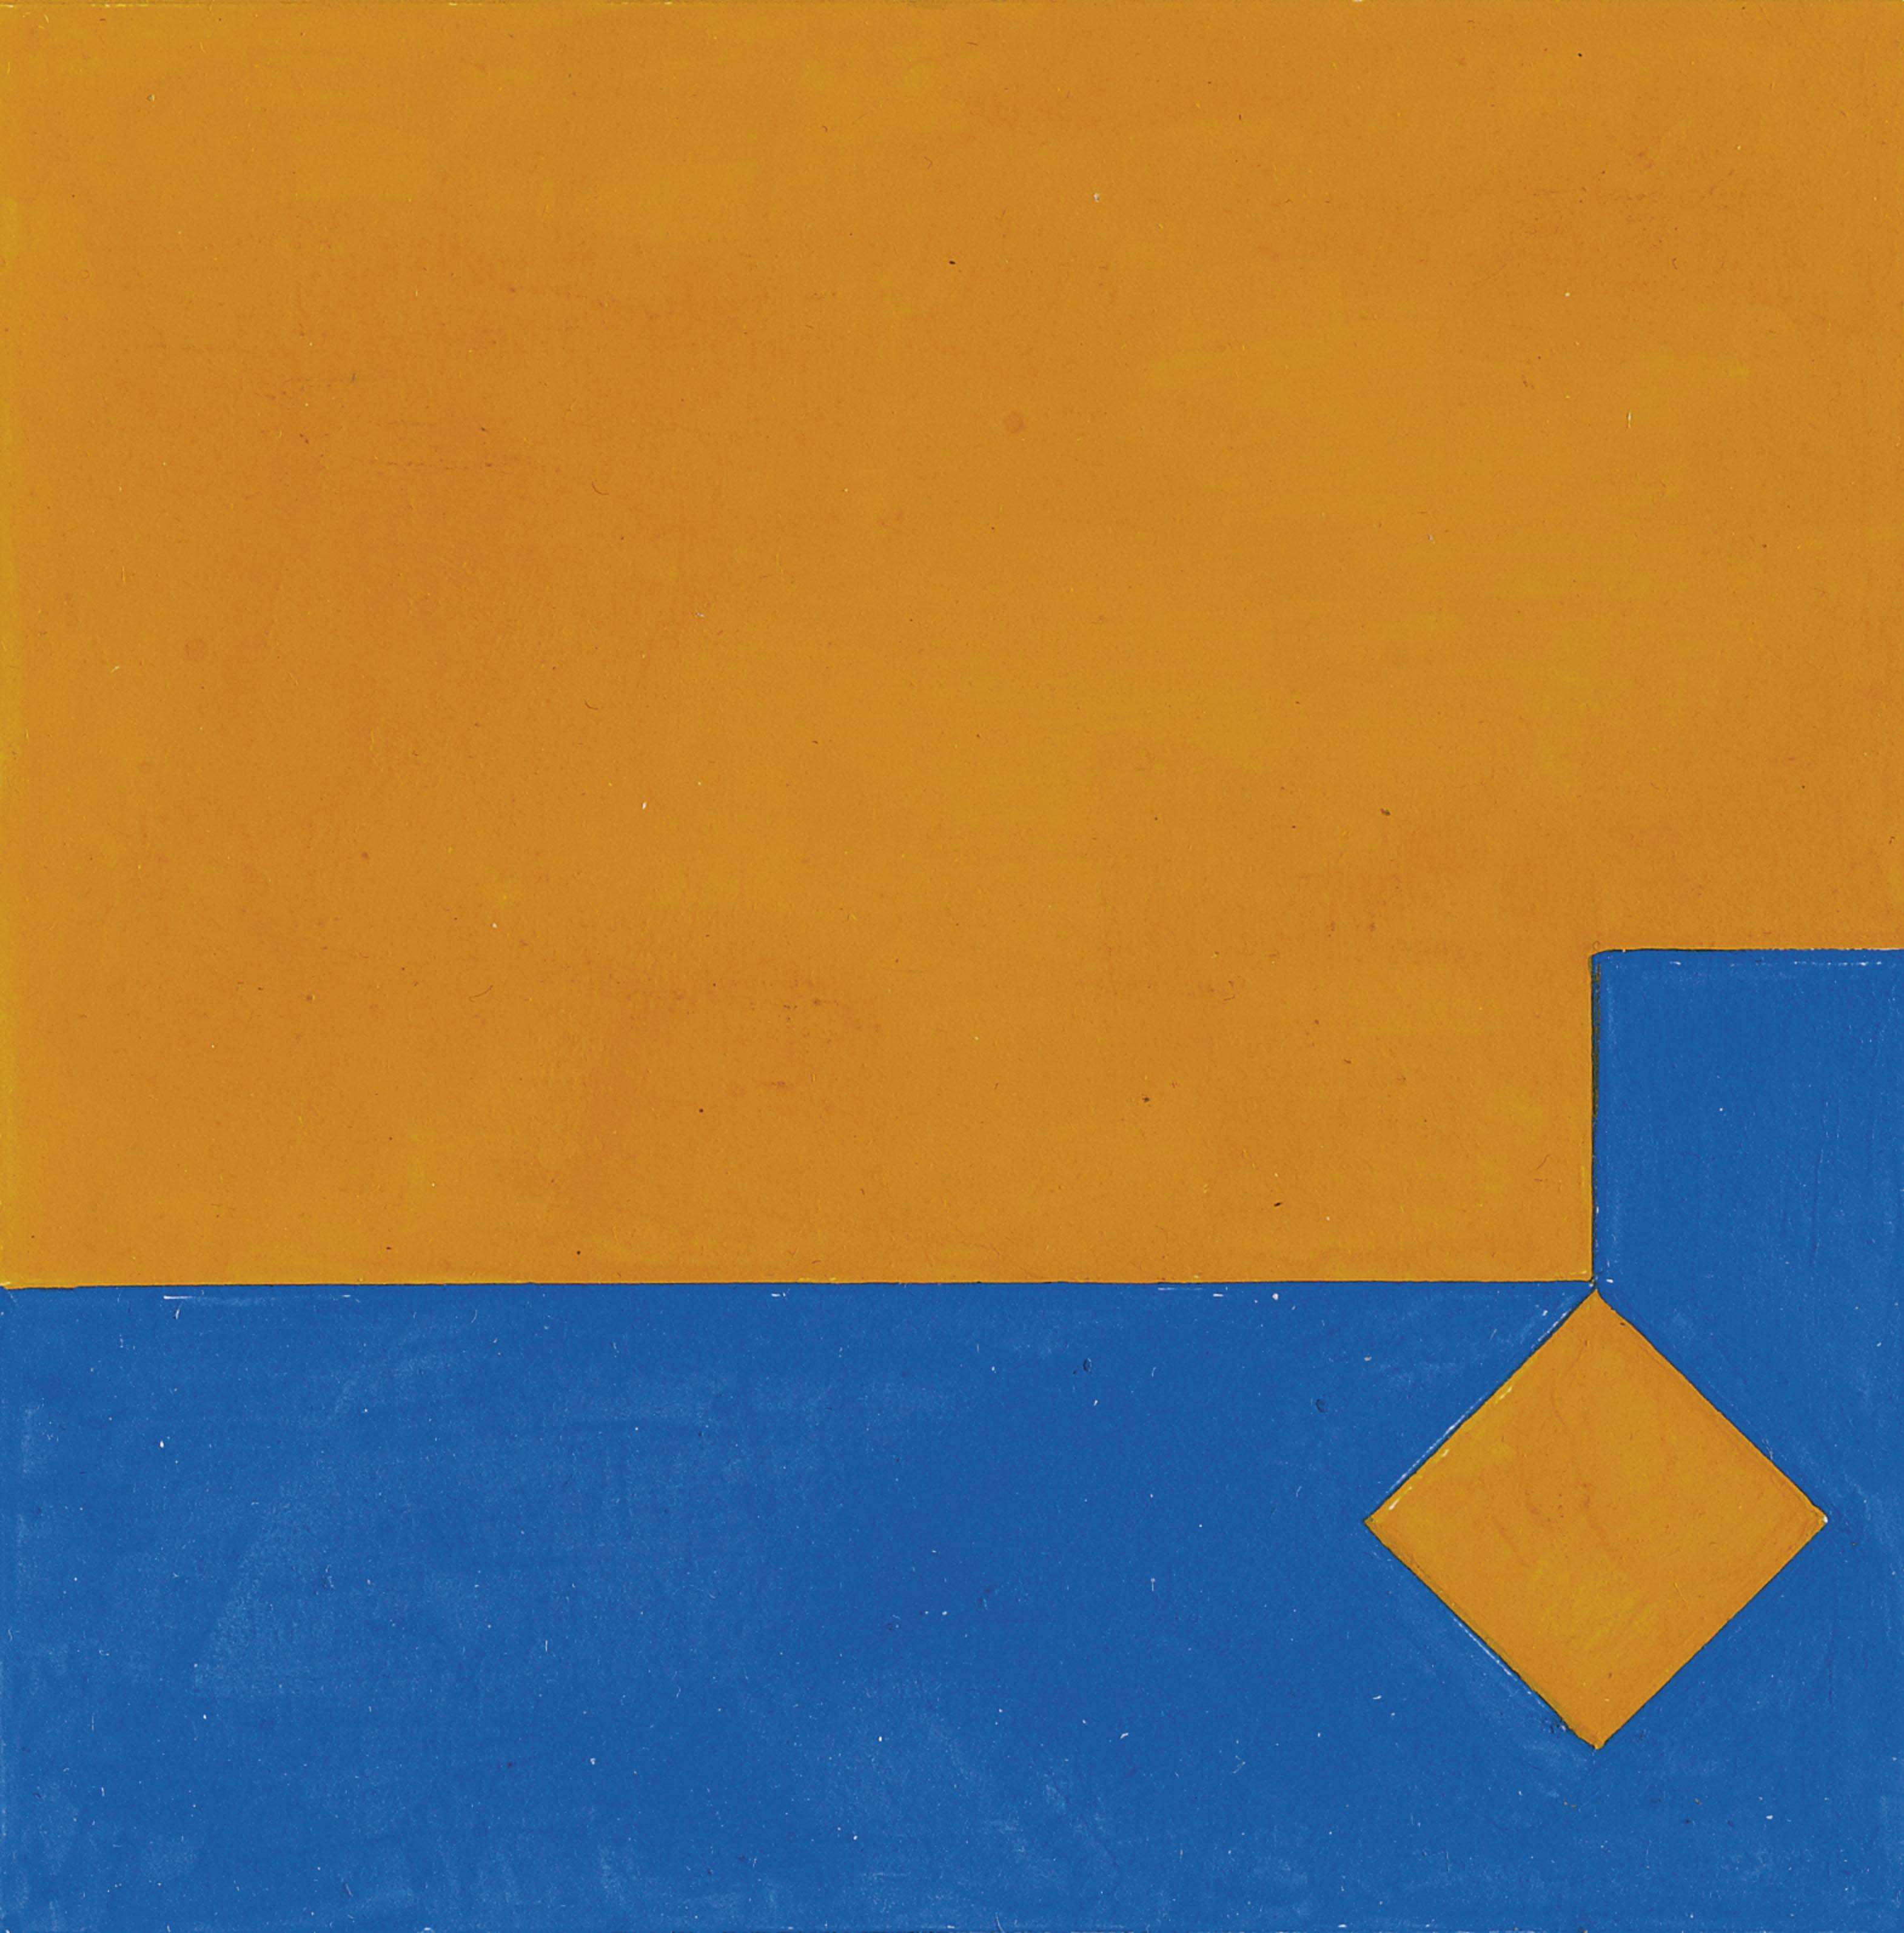 Farbstudie zu Seriegraphie Orange/Blau 2:1, 1979